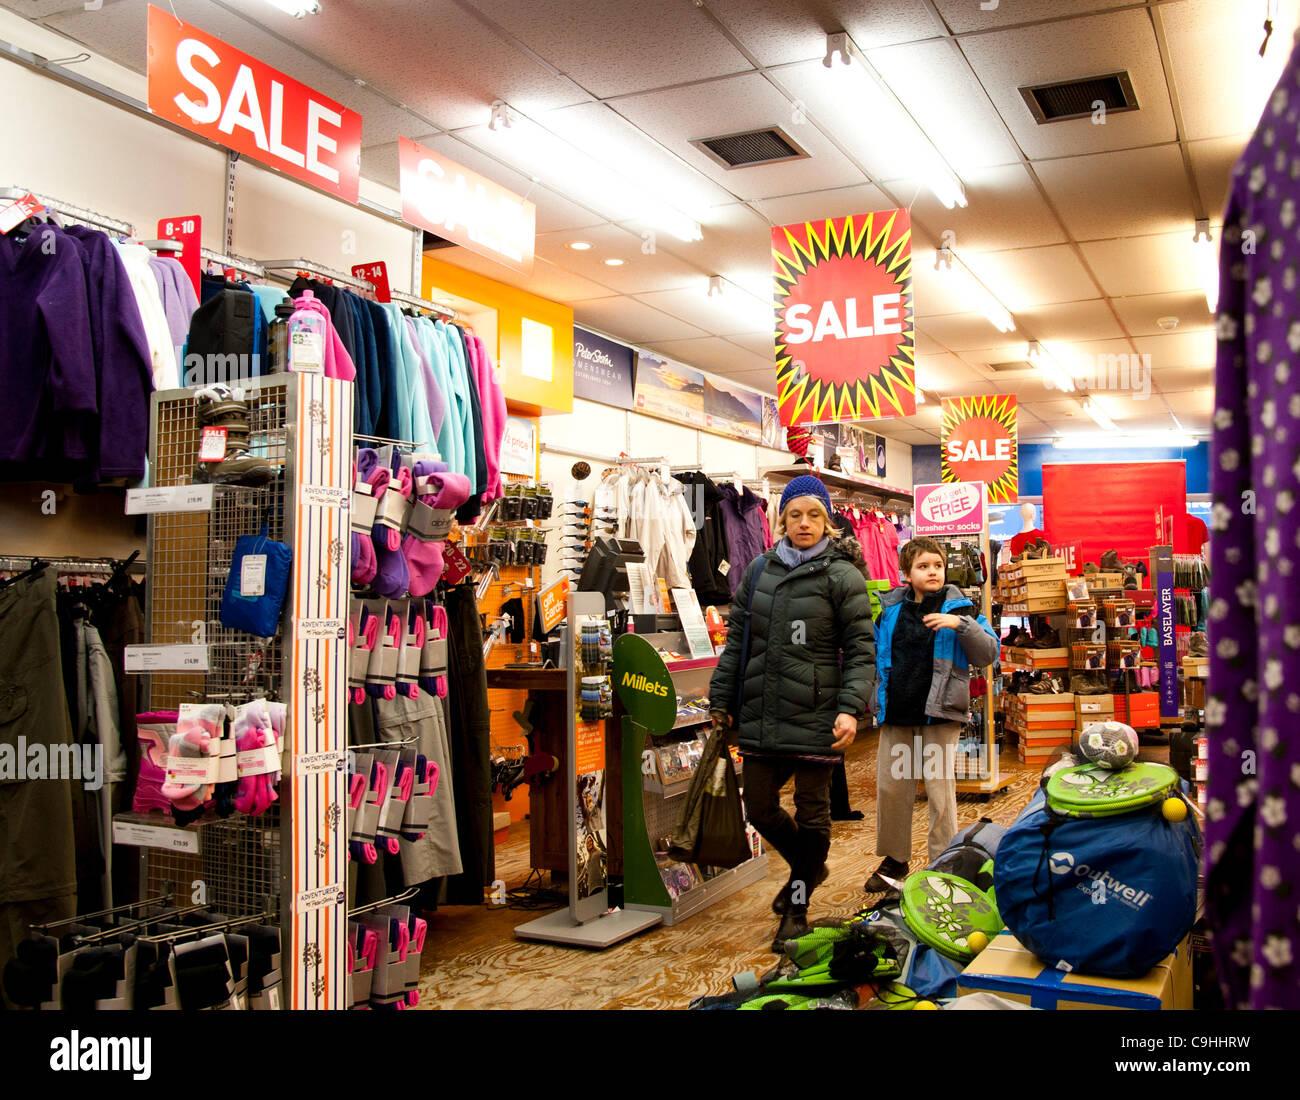 Aberystwyth UK 7 Ene 2012: 70% de descuento en una sucursal de ventas de mijo y artículos para acampar al aire Imagen De Stock